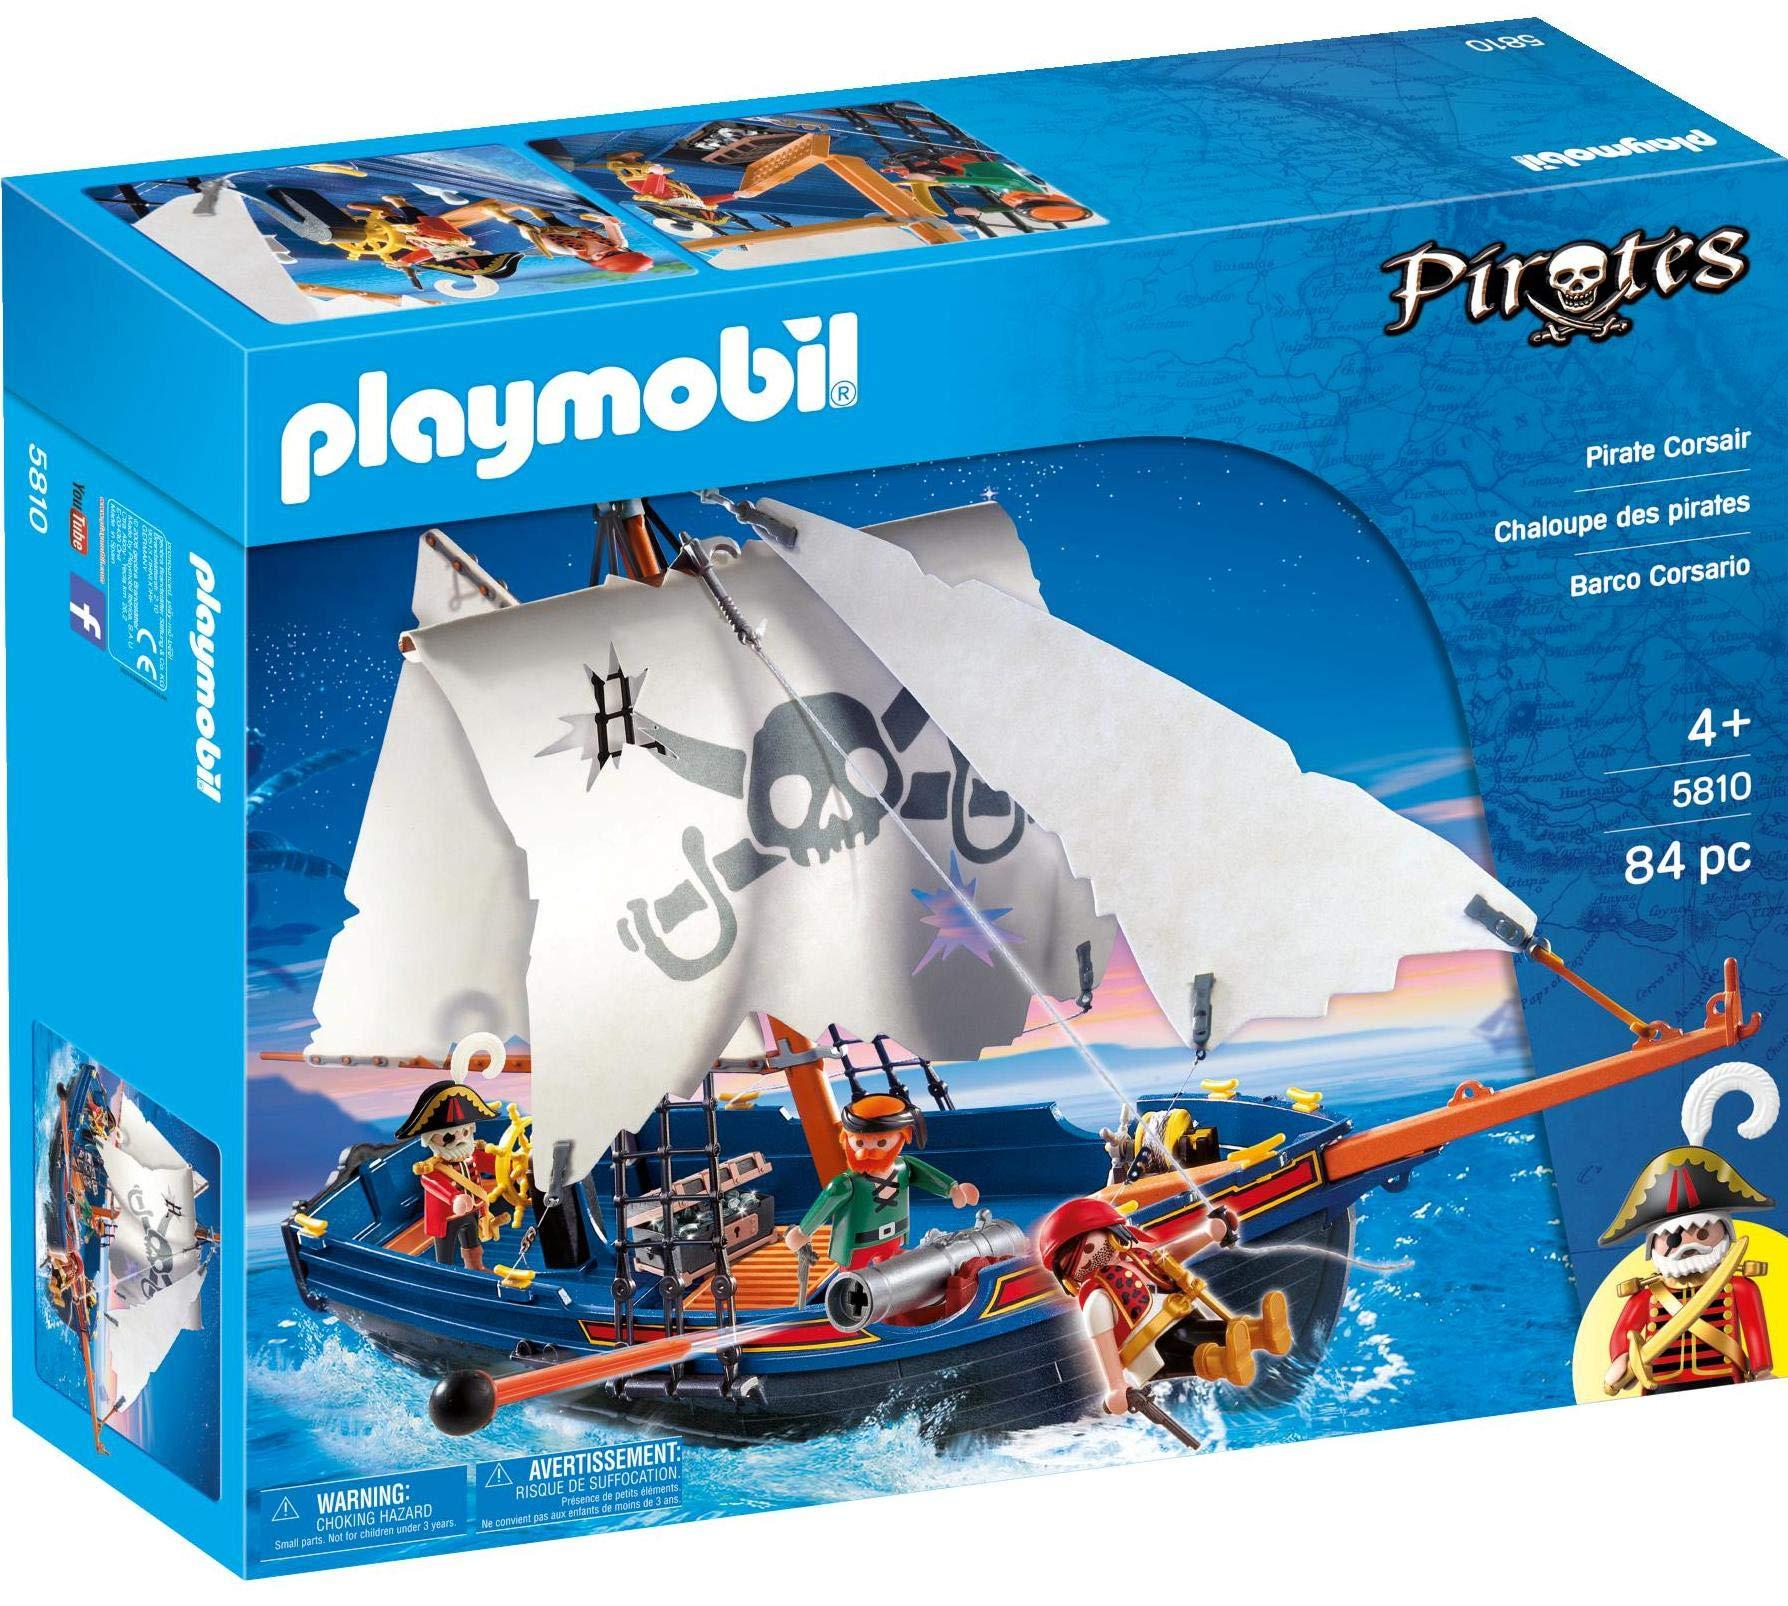 Playmobil Underwater Motor 7350 B000GFJAZU